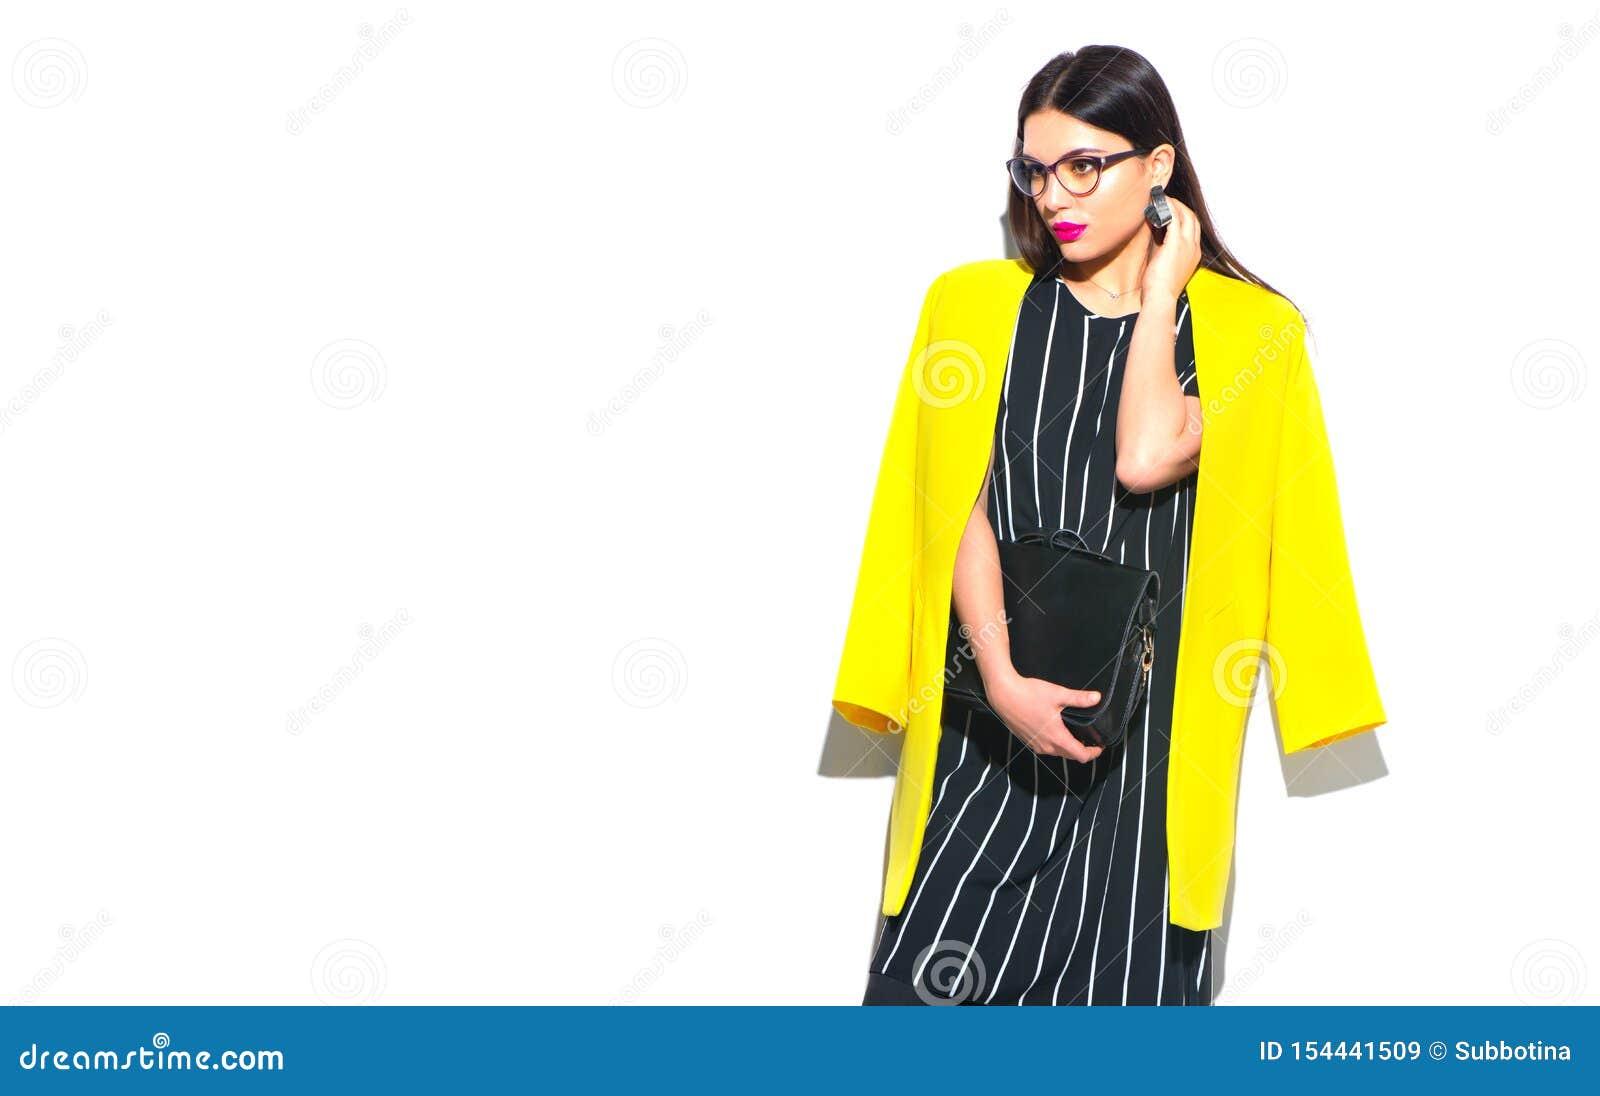 2 business woman 时髦黄色戴着眼镜的秀丽性感的式样女孩,在白色